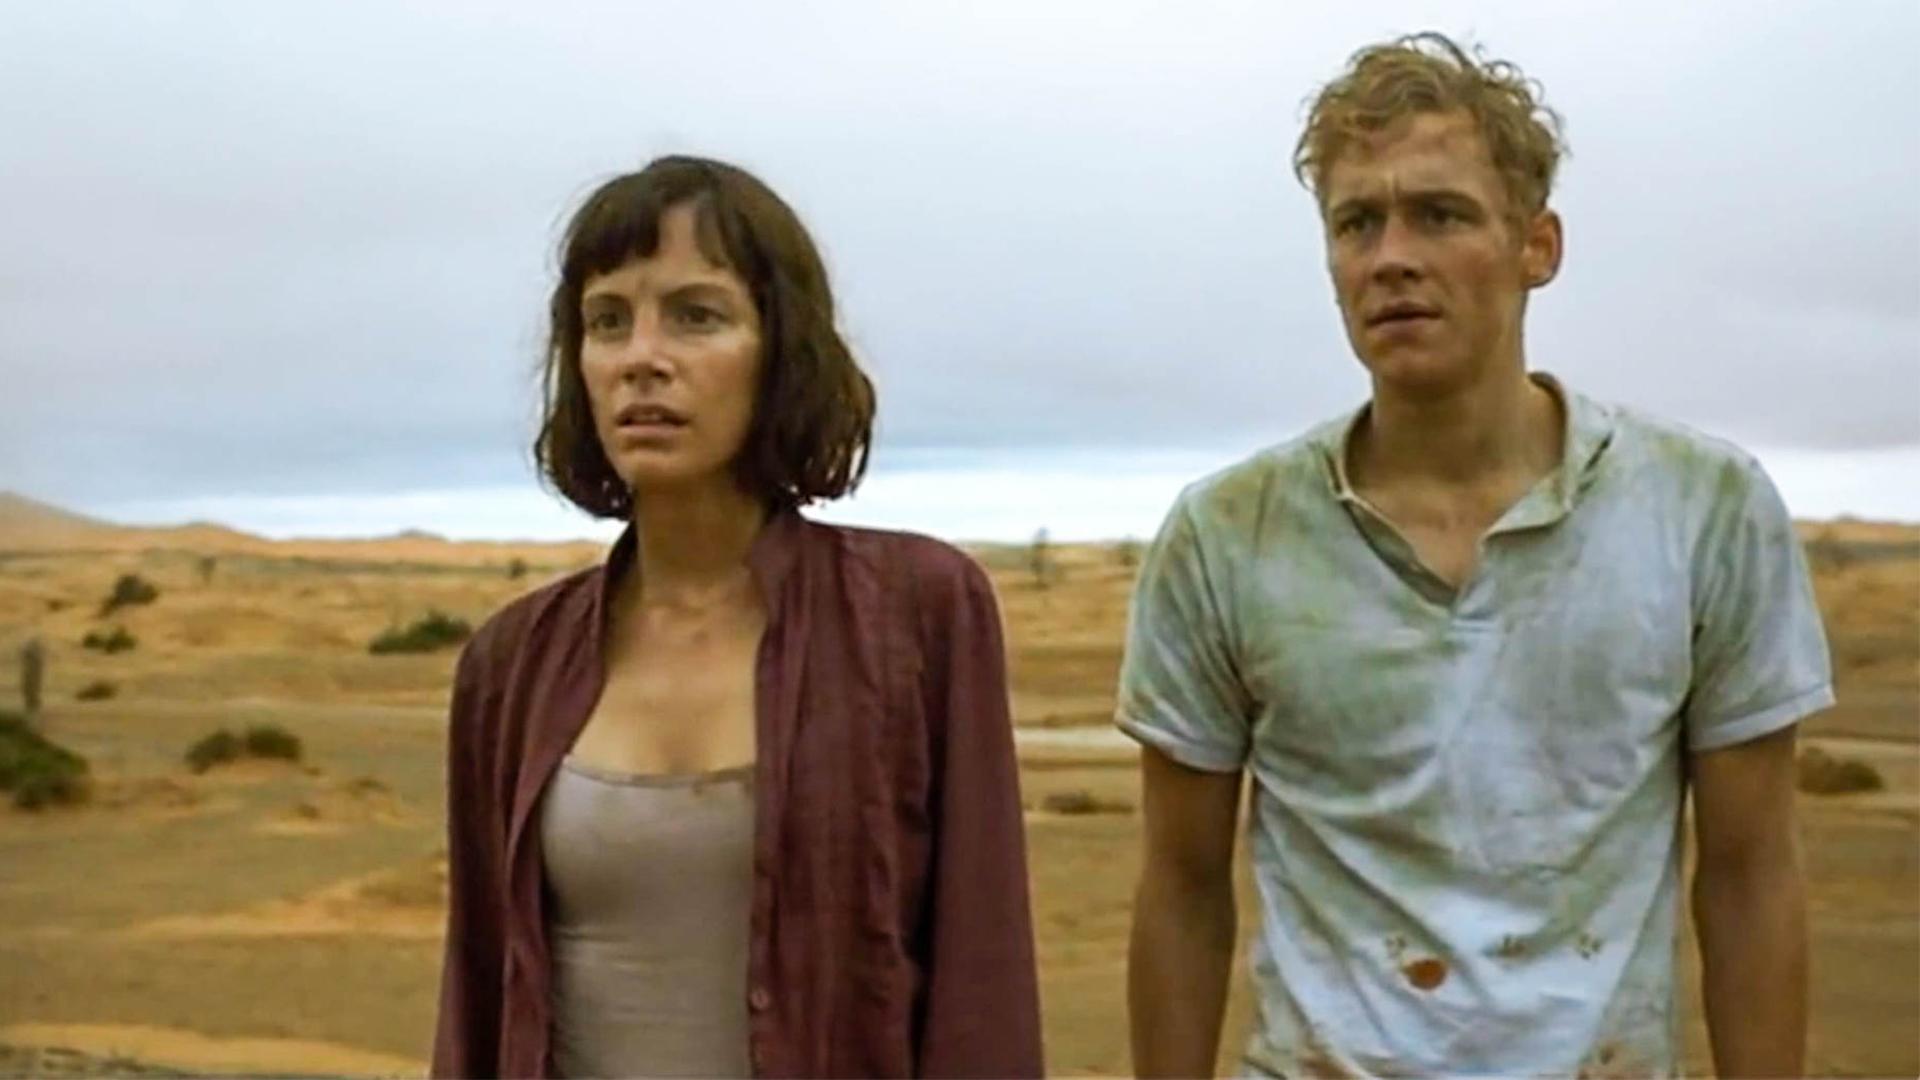 情侣被困荒漠,爬上沙丘寻找出路,却看到了毛骨悚然的一幕